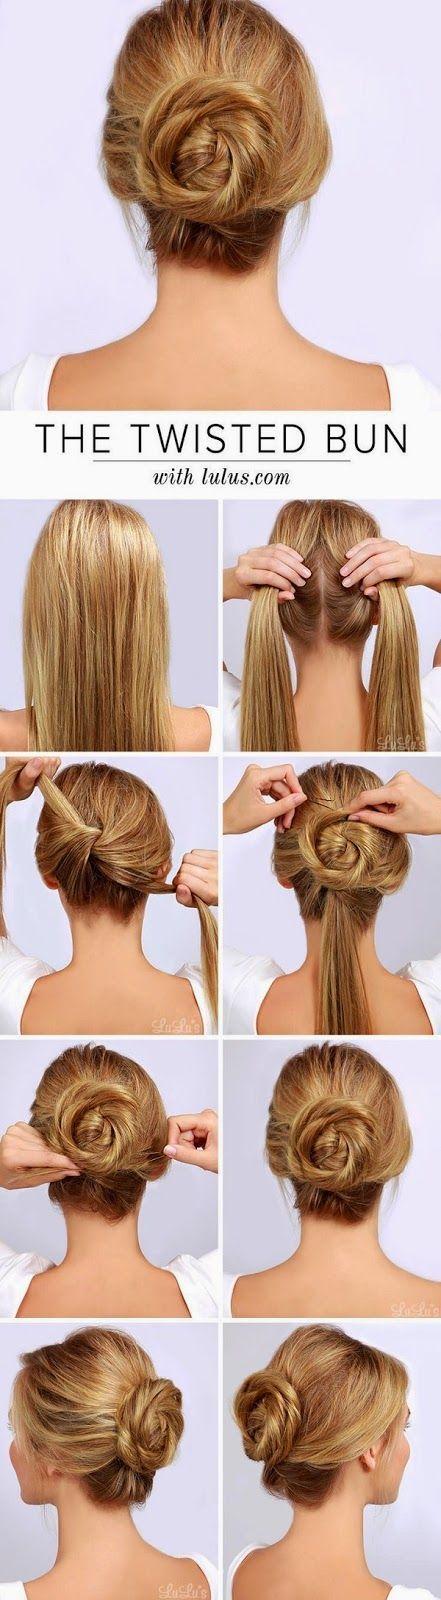 Dobrze mieć długie włosy - pisałam o tym już kilka razy (na przykład tutaj, gdy mówiłam o moim sposobie na zdrowe i zadbane włosy). Choć piękne boby, krótkie fryzury i maksymalne cięcia bardzo mi się